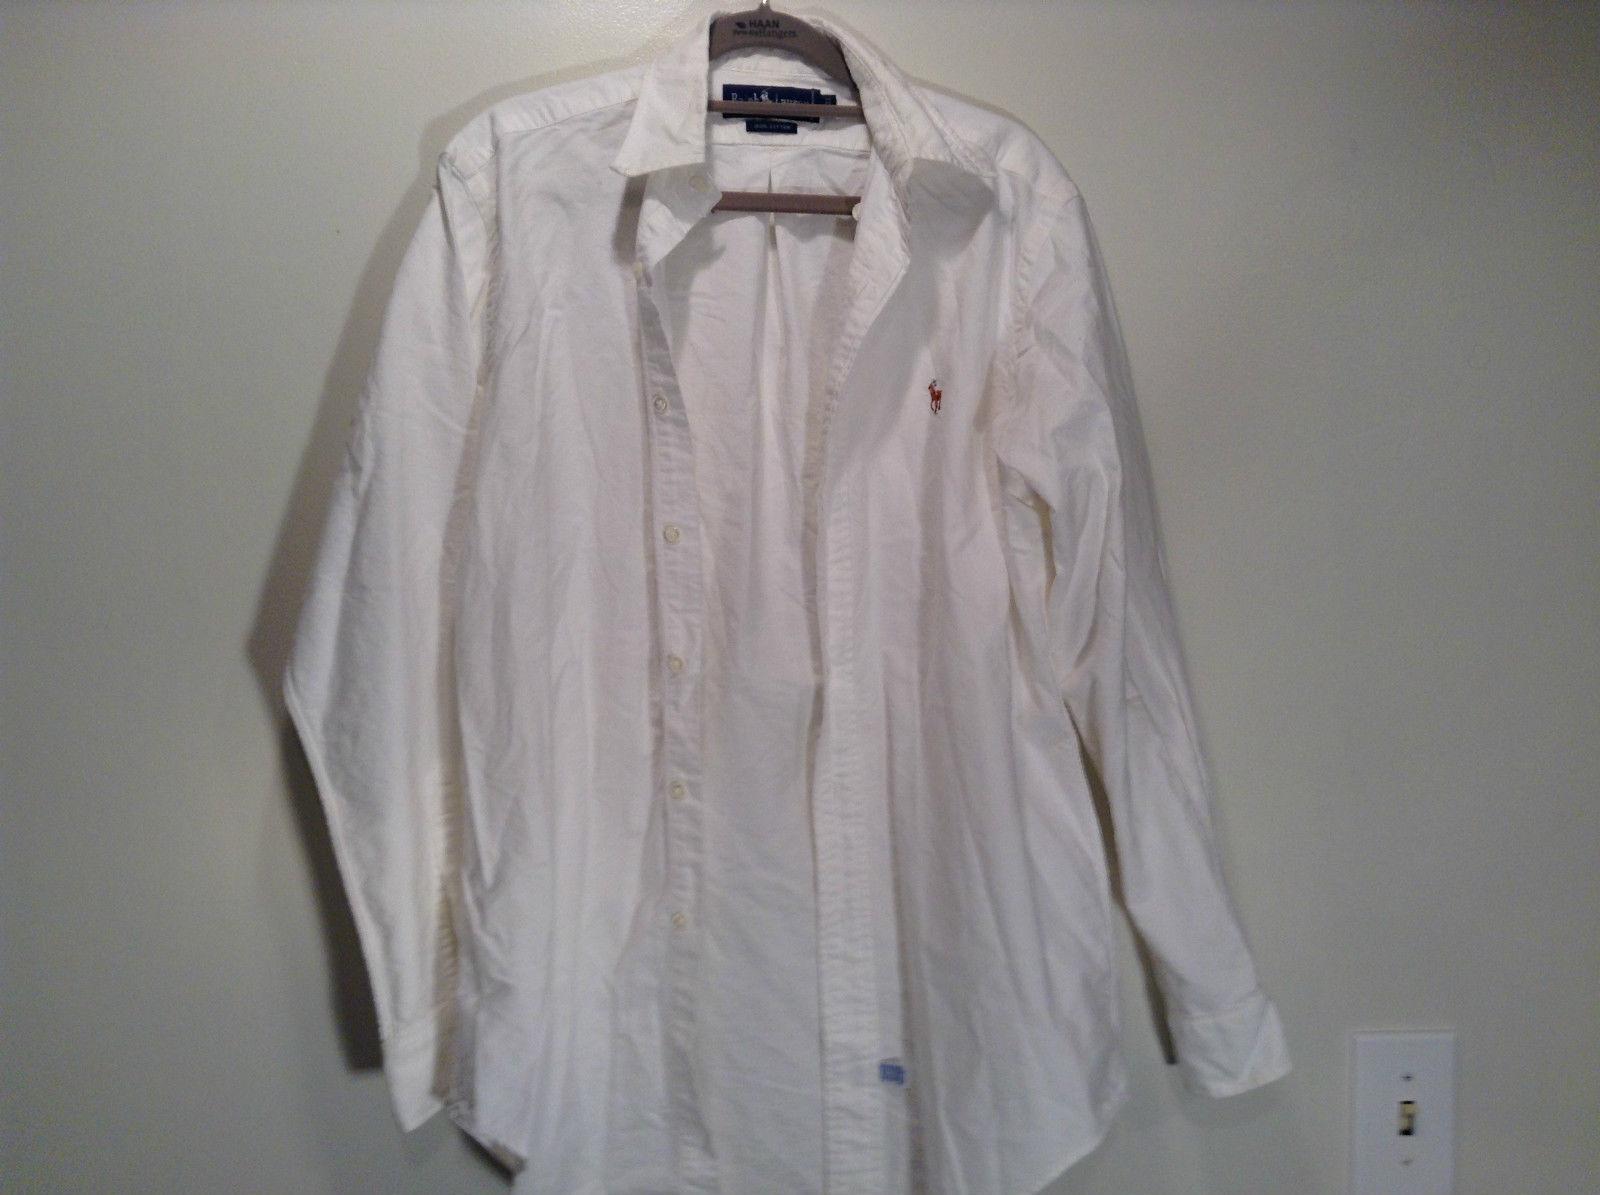 Ralph Lauren 100 Percent Cotton Long Sleeve White Dress Shirt Size 15 by 33